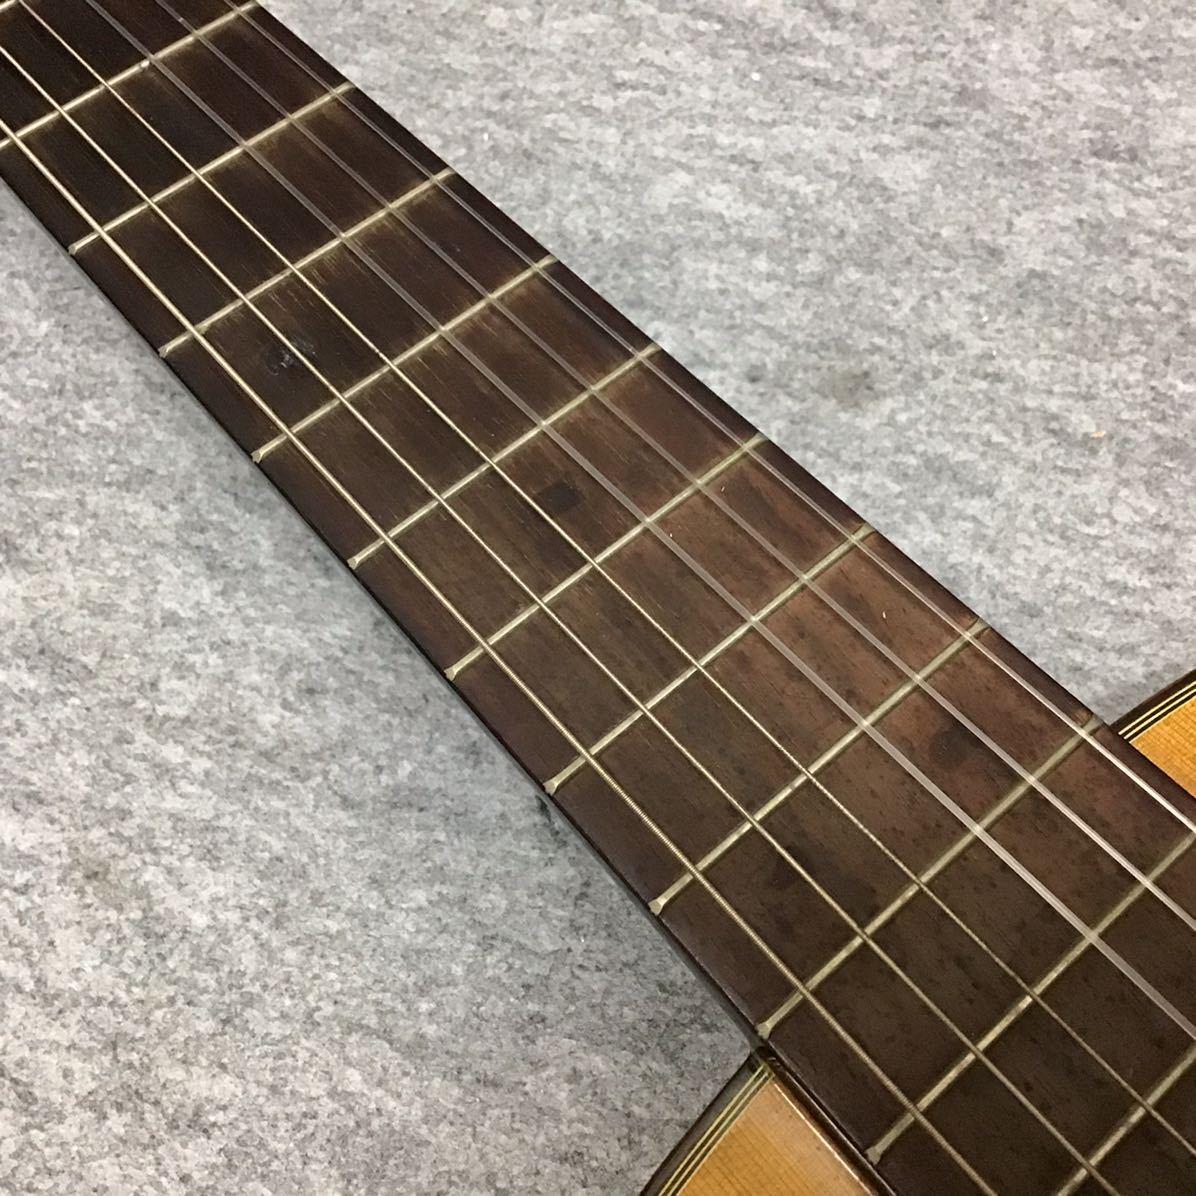 良品◎RYOJI MATSUOKA 松岡良治 No.20 クラシックギター☆1979年☆_画像6